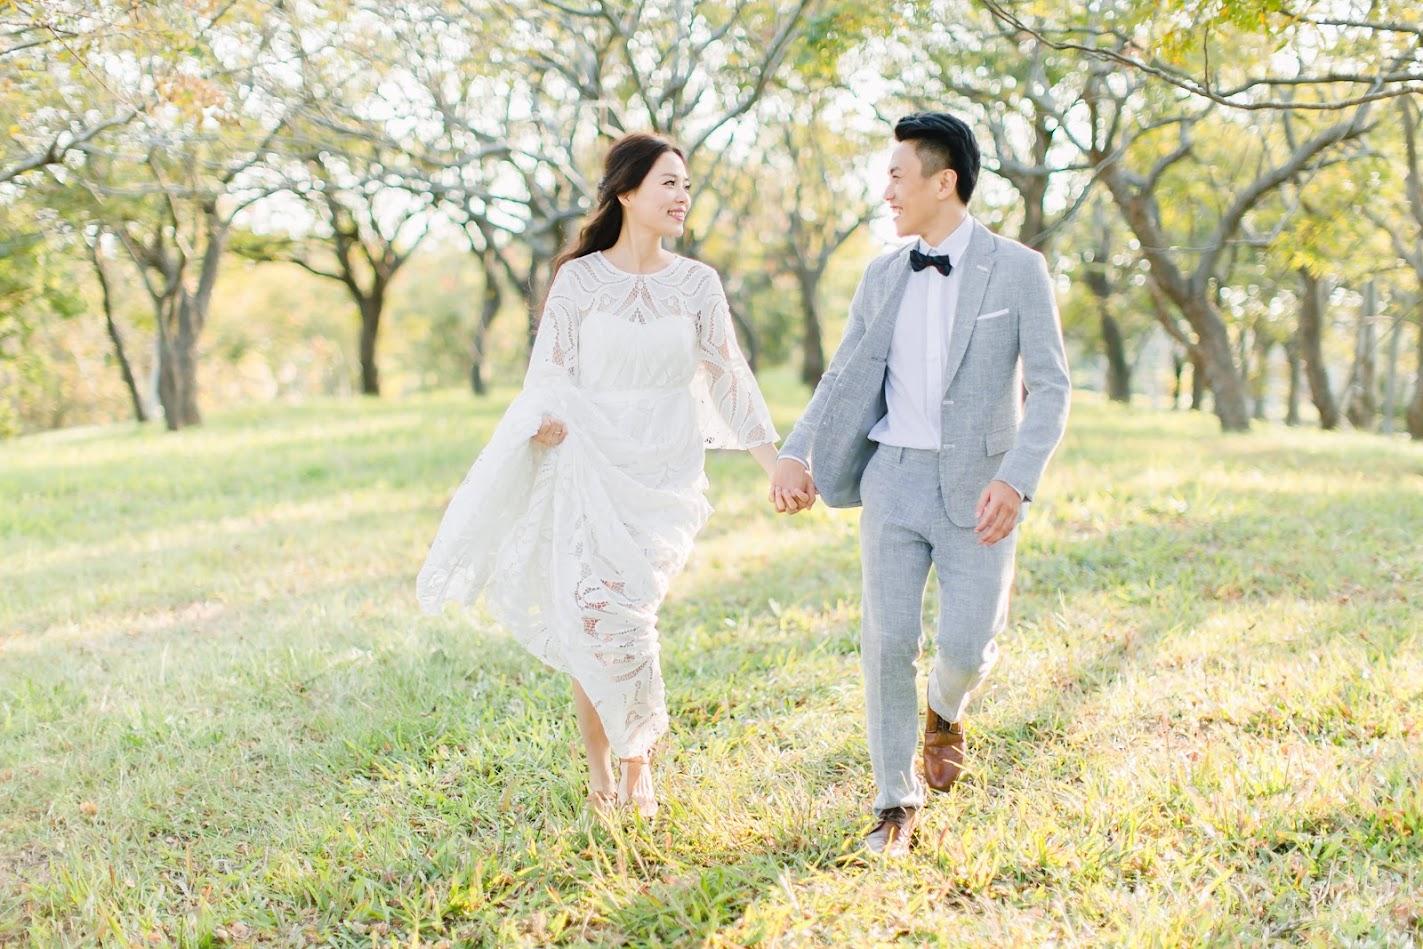 台中美式自助婚紗外拍攝景點-都會公園